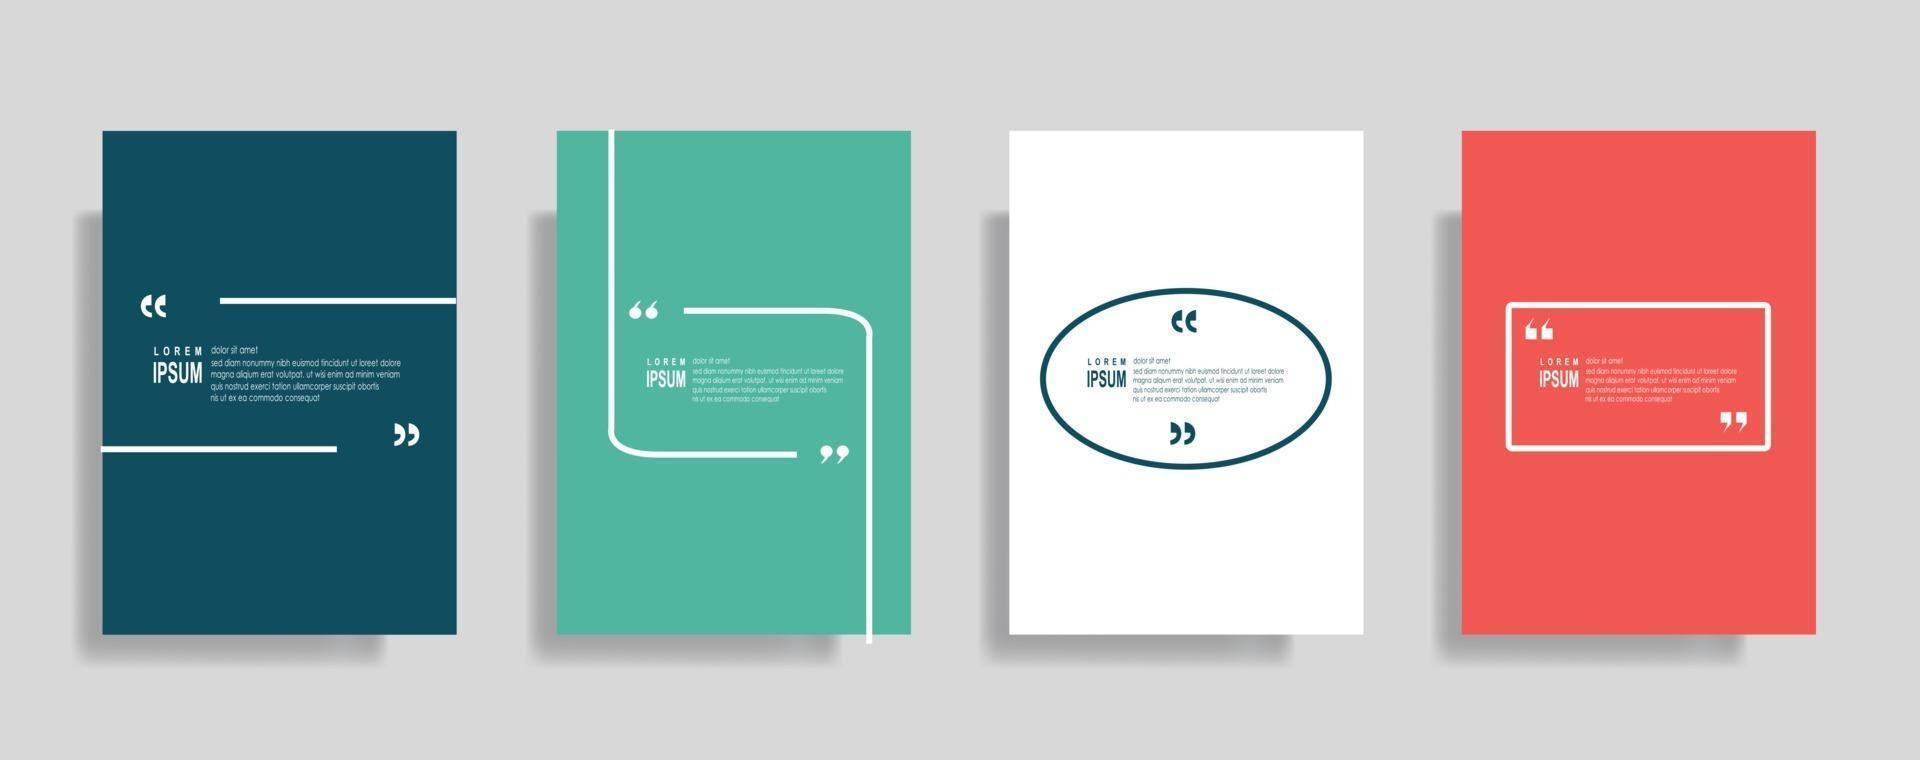 cotizaciones marco conjunto de plantillas en blanco. texto entre paréntesis, cita burbujas de discurso vacías. cuadro de texto aislado sobre fondo de color. vector